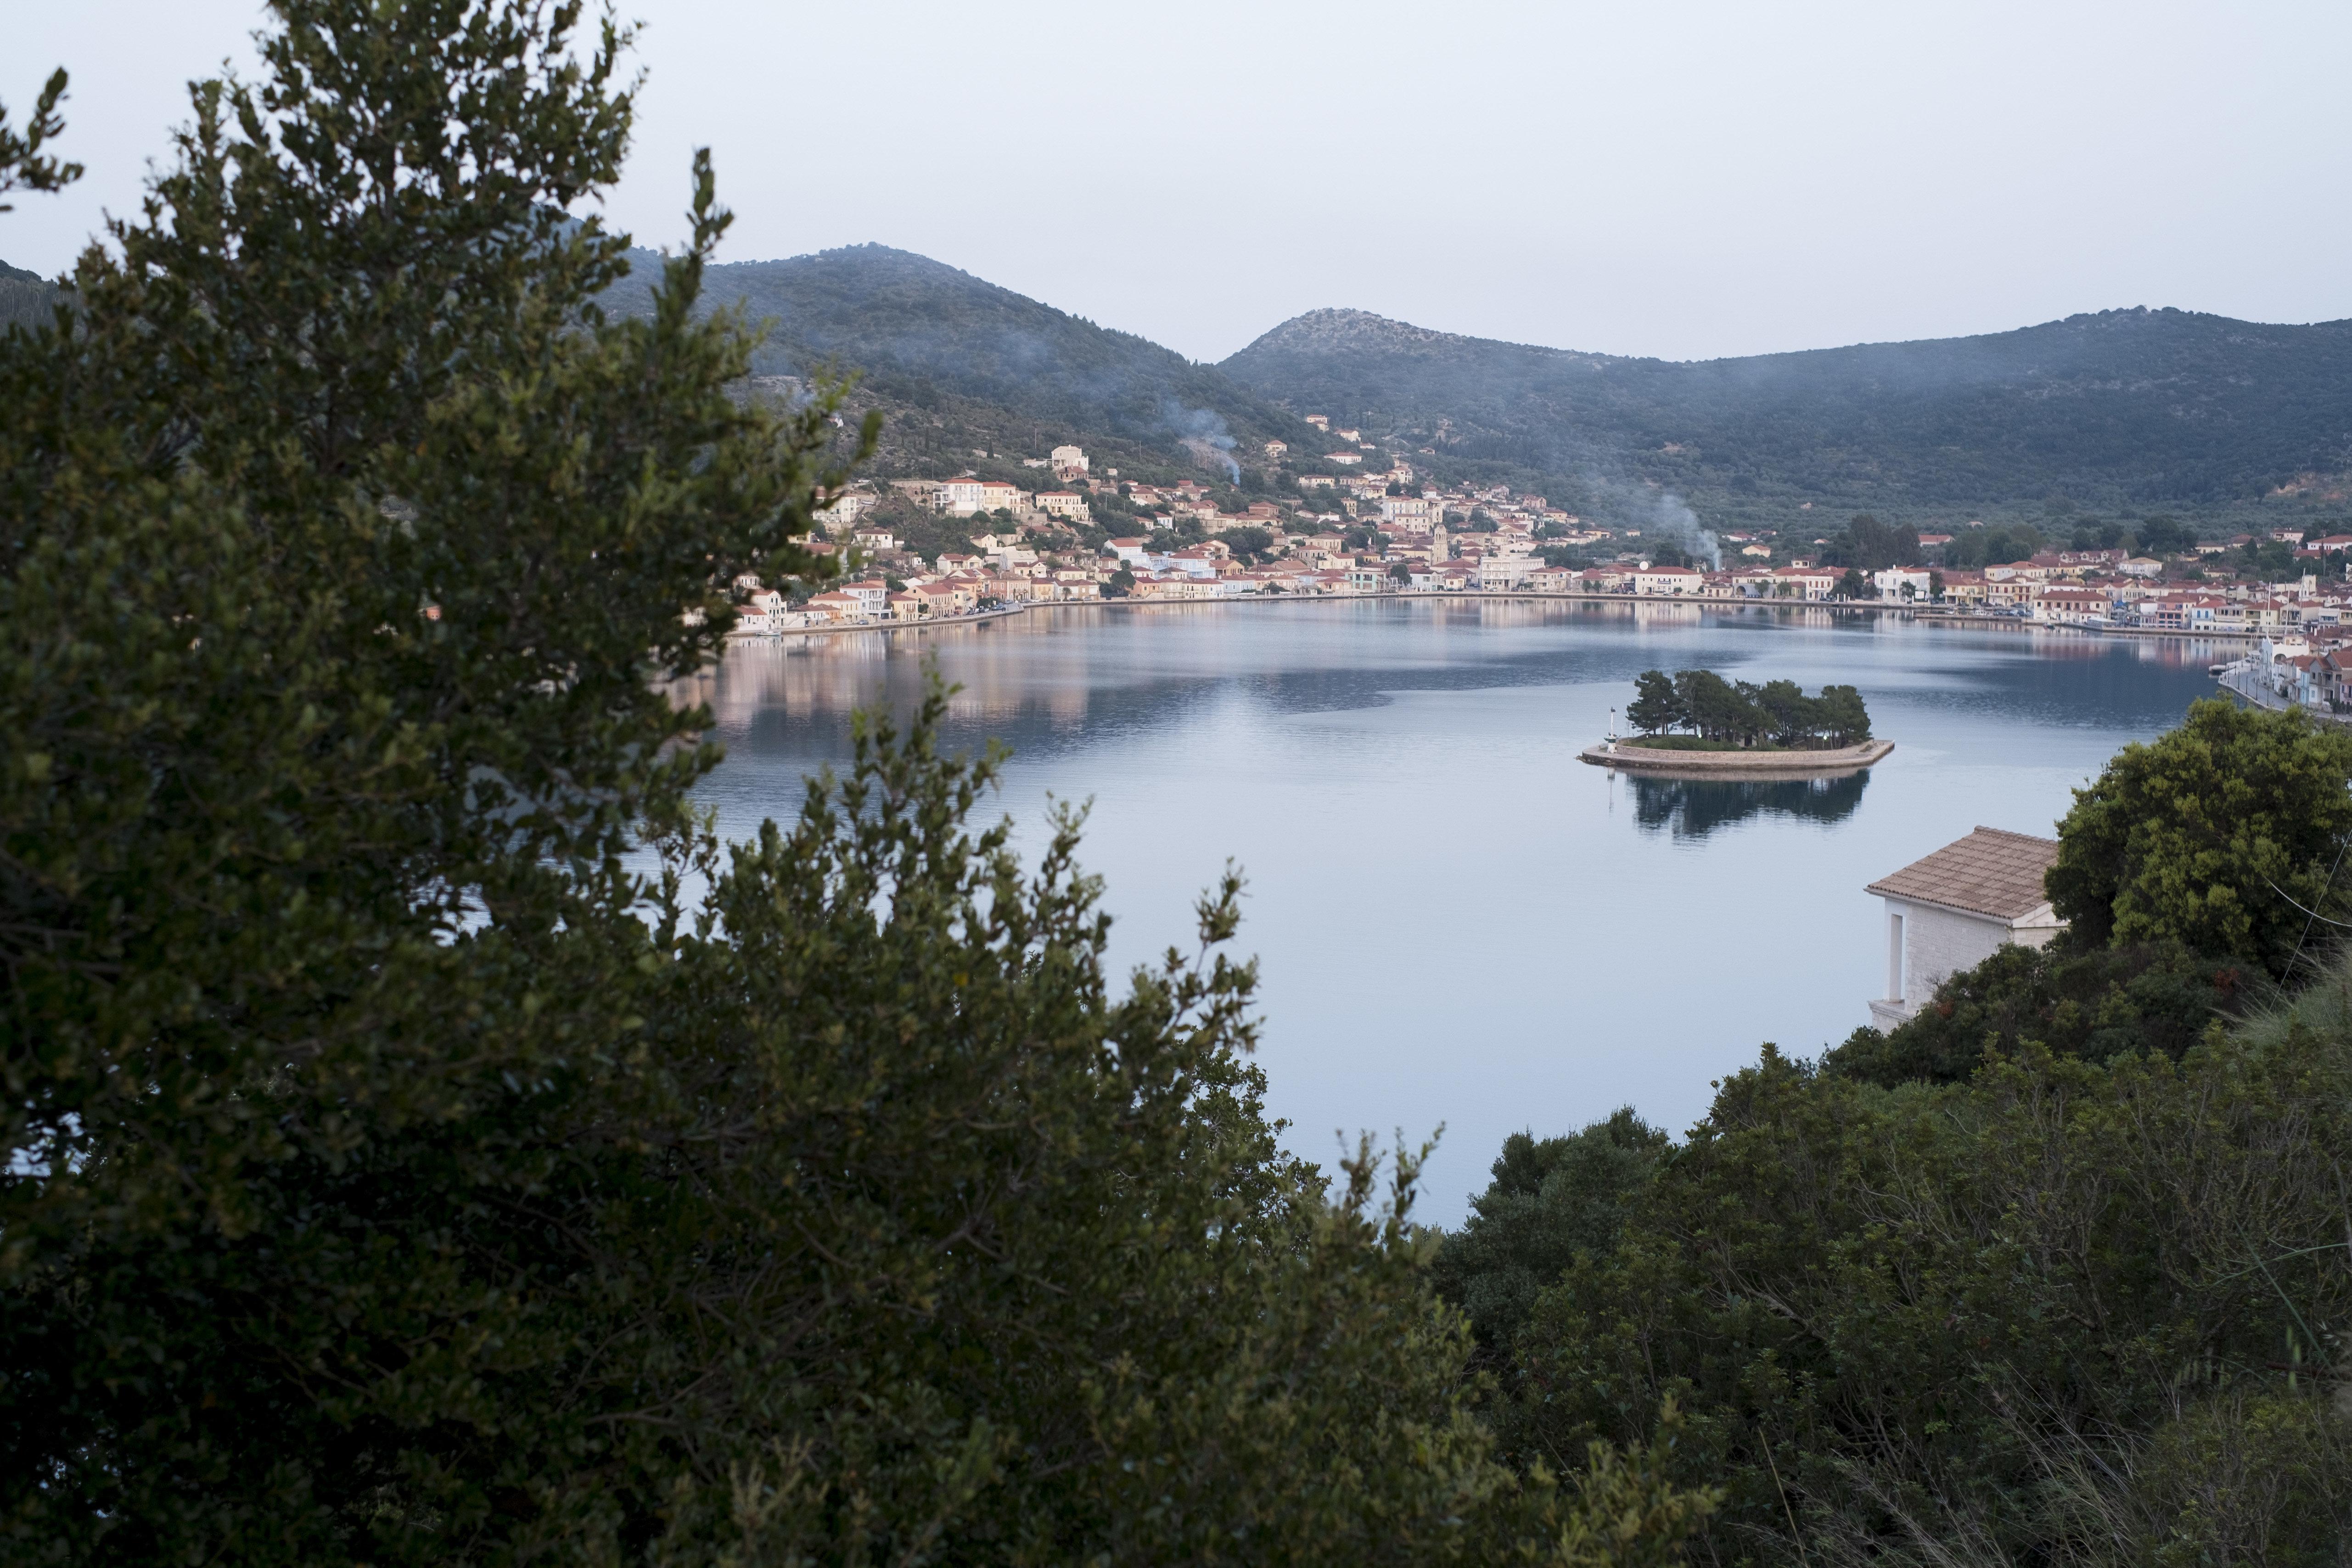 Γιατί διάλεξε ο Τσίπρας να κηρύξει από την Ιθάκη το «τέλος των μνημονίων»